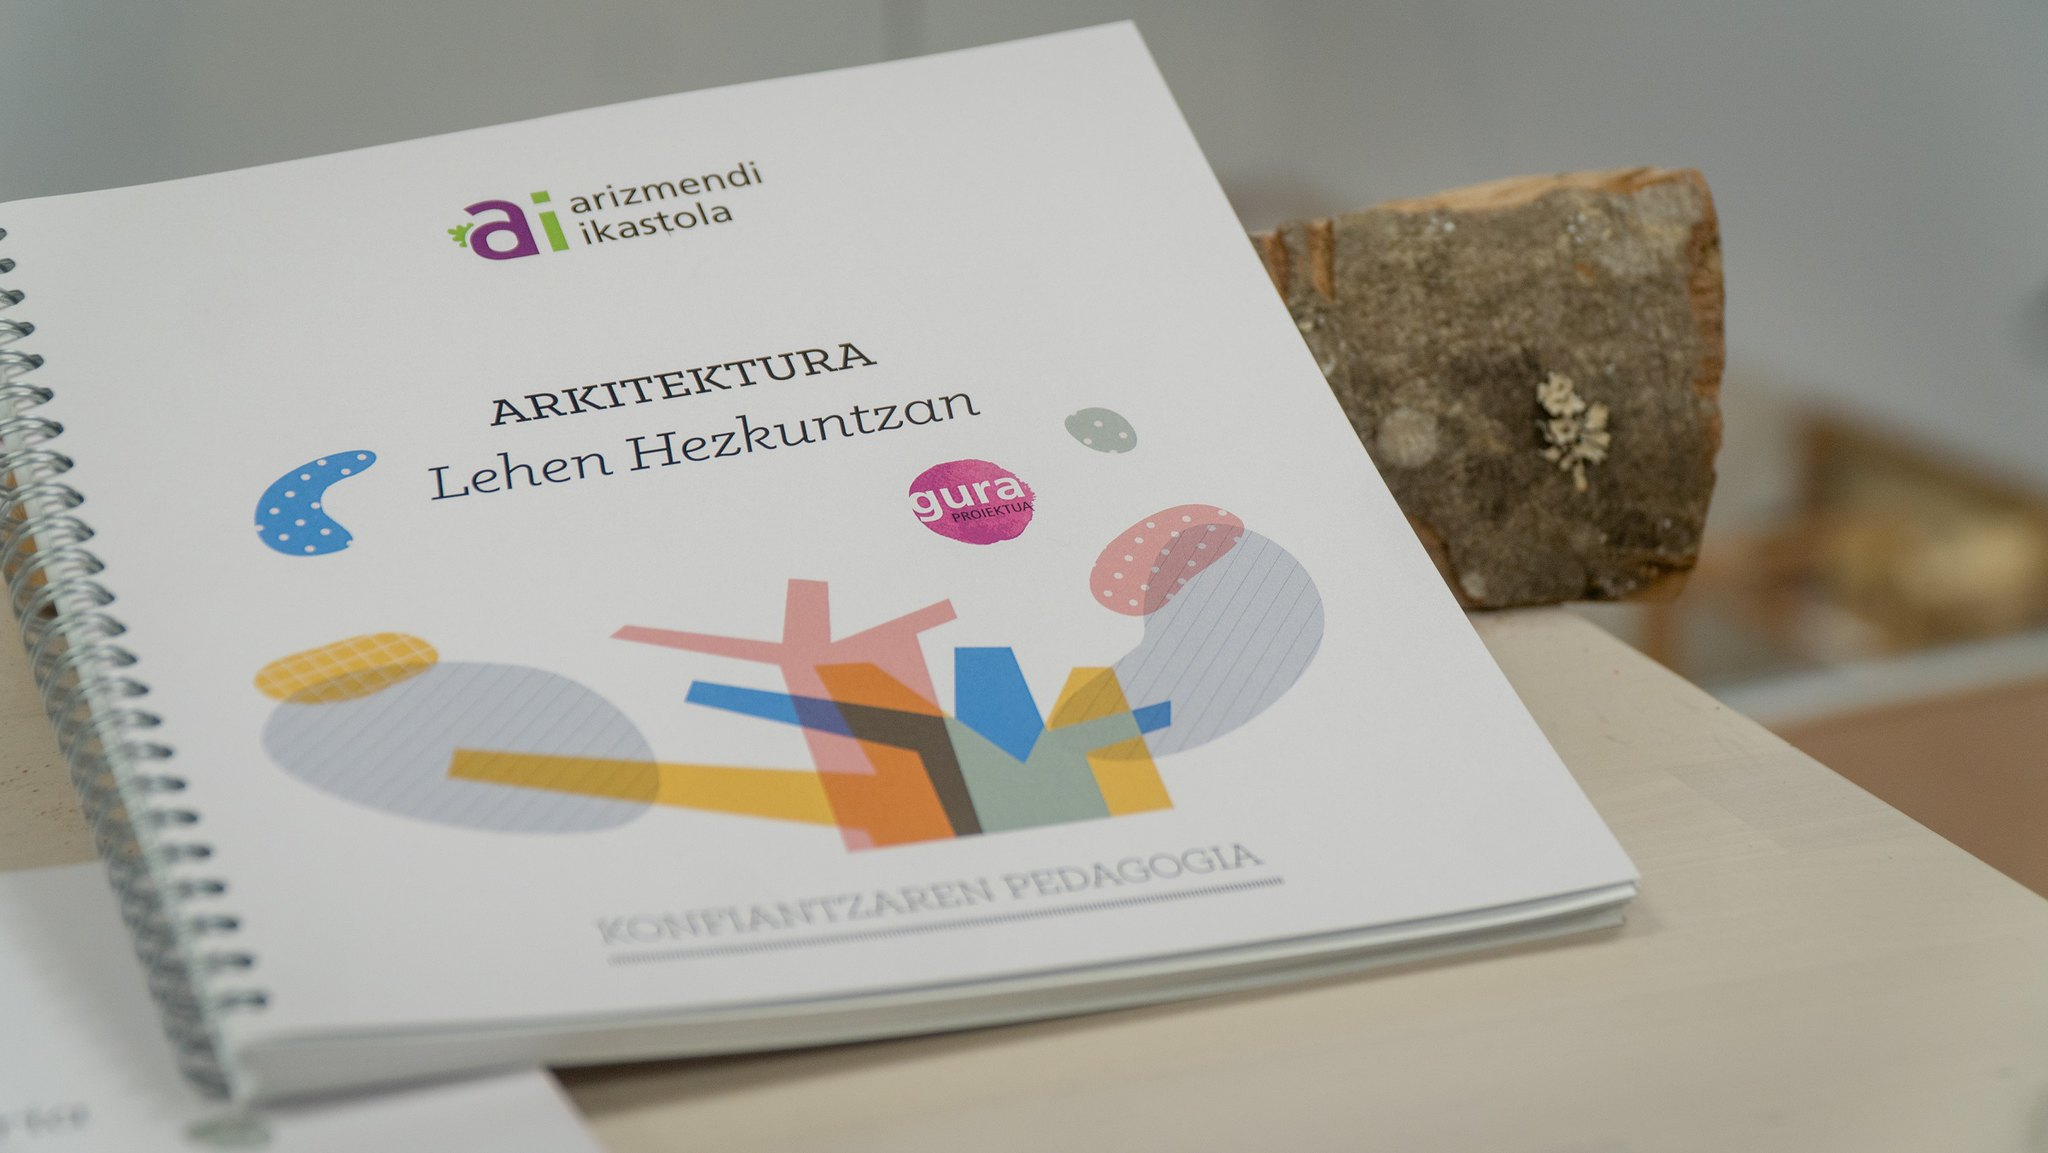 Arizmendi_LHarkitektura_liburua